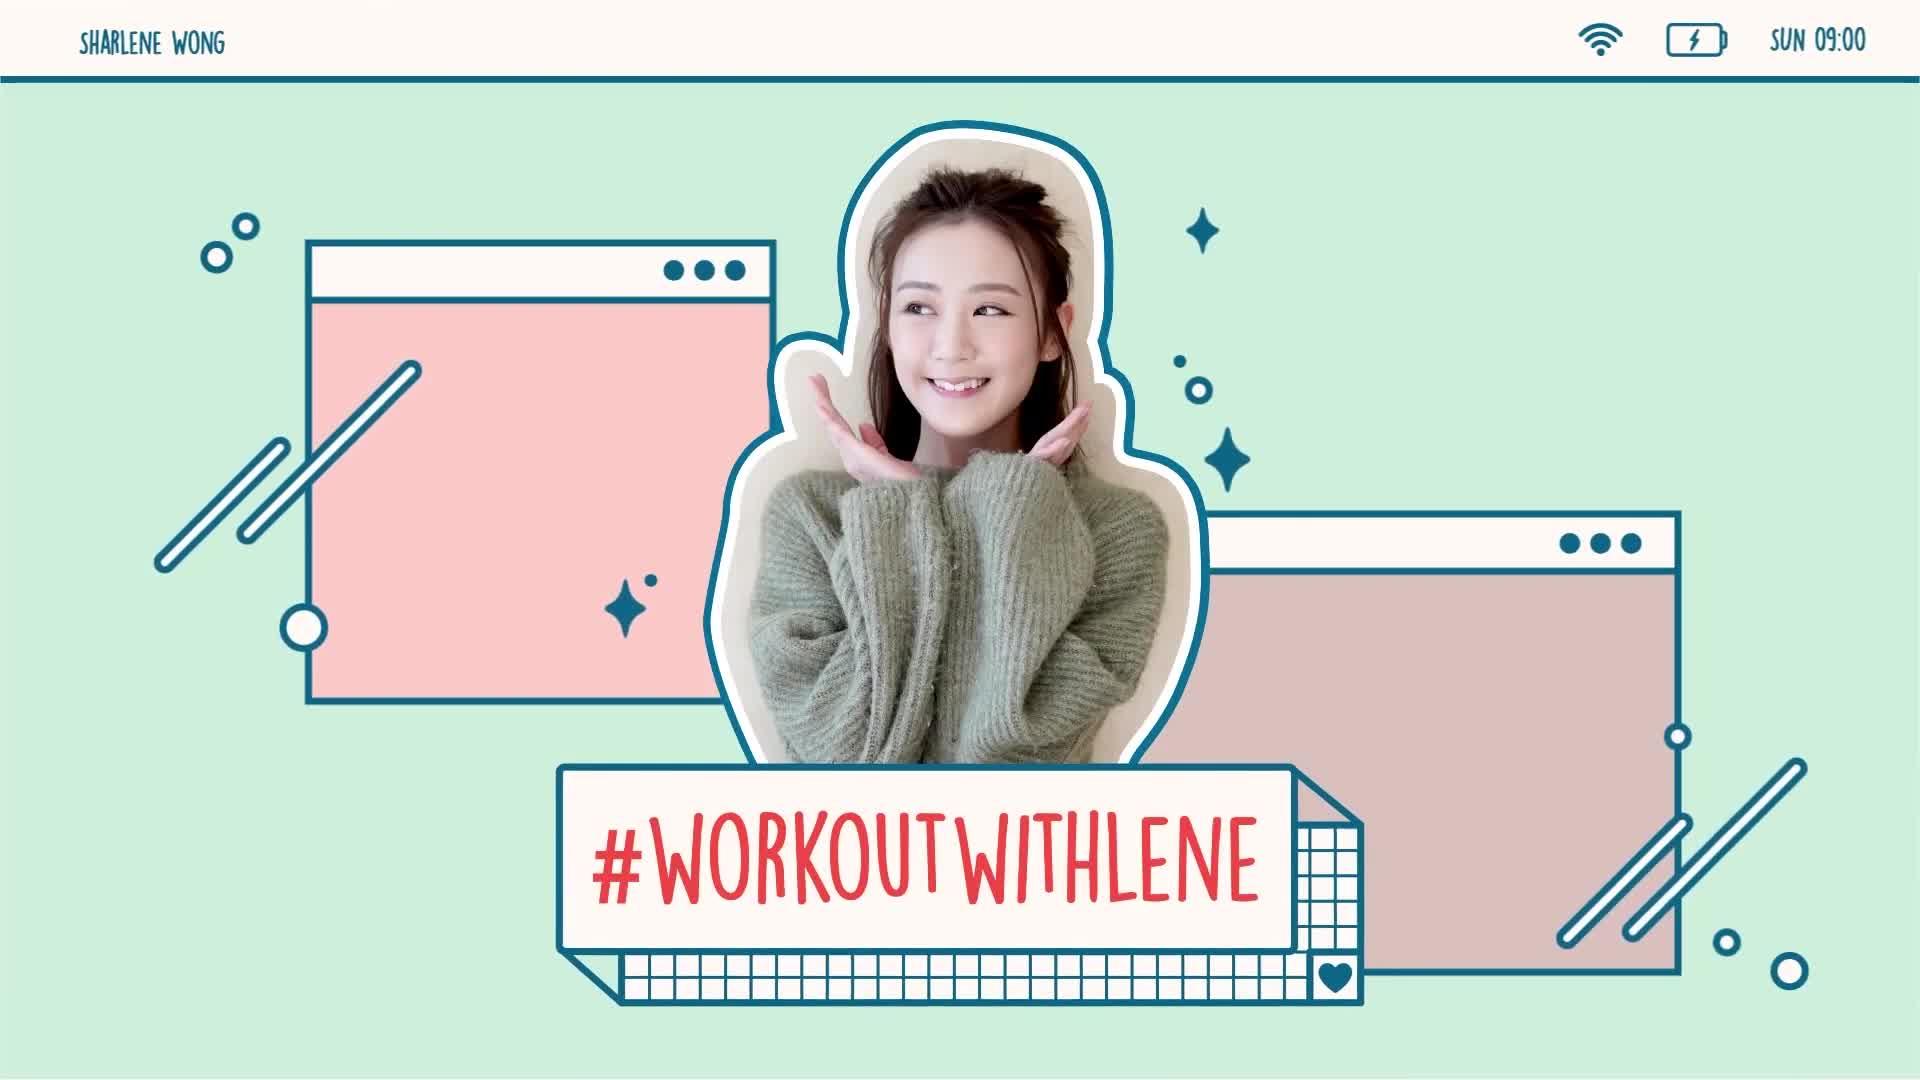 喺屋企都要Workout!